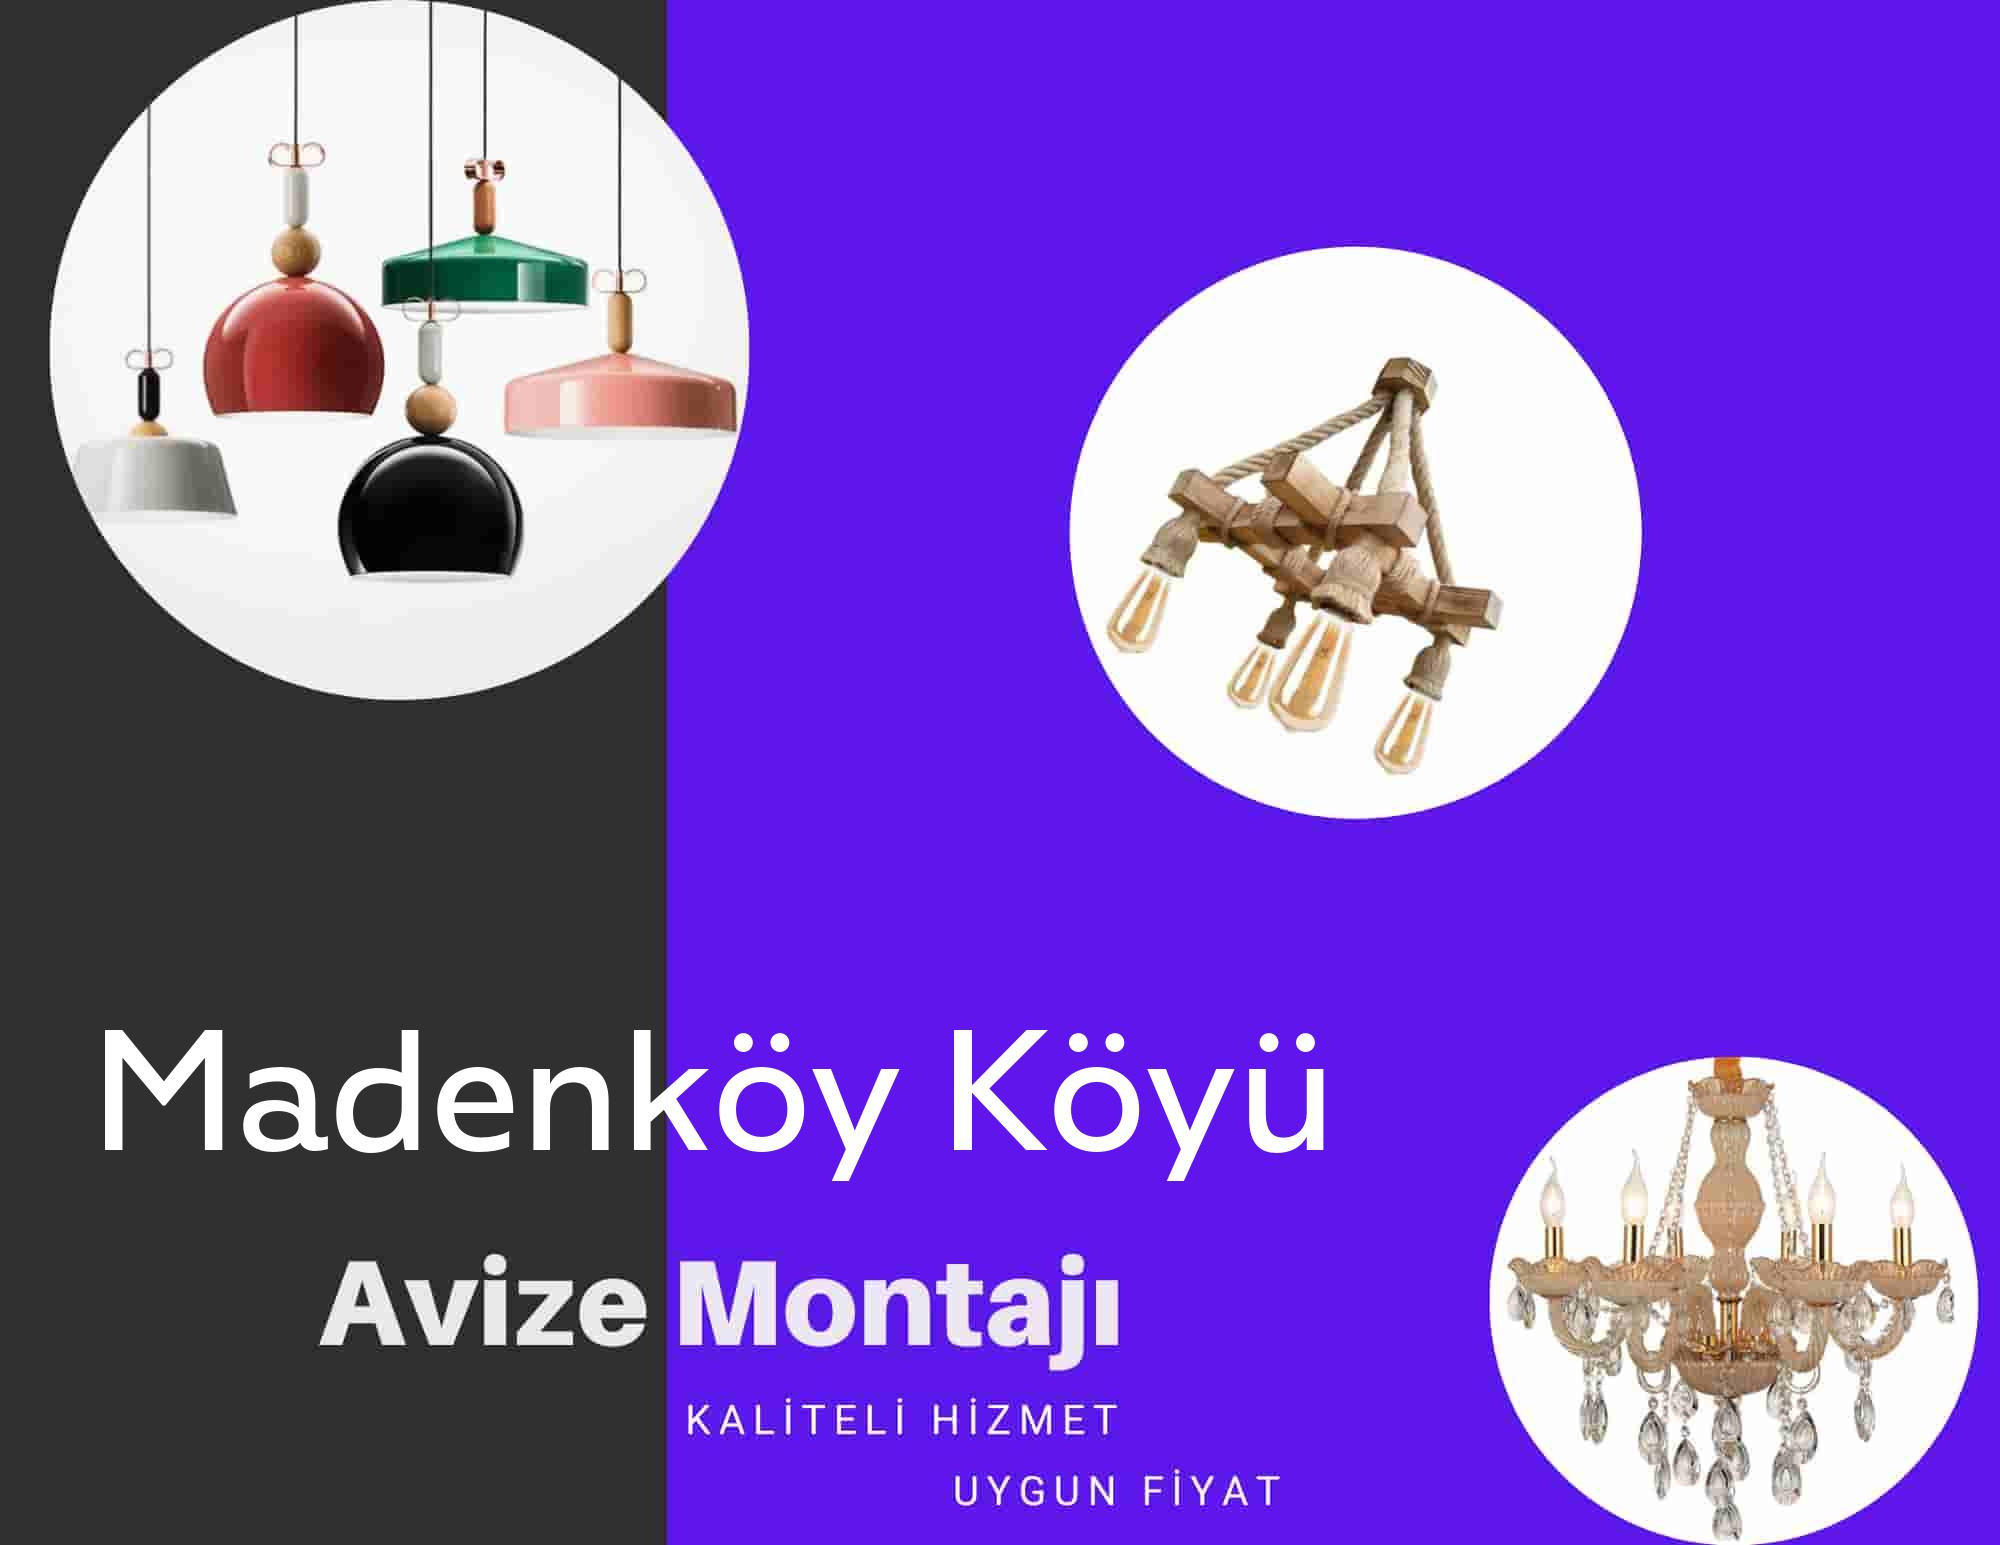 Madenköy Köyüde avize montajı yapan yerler arıyorsanız elektrikcicagir anında size profesyonel avize montajı ustasını yönlendirir.